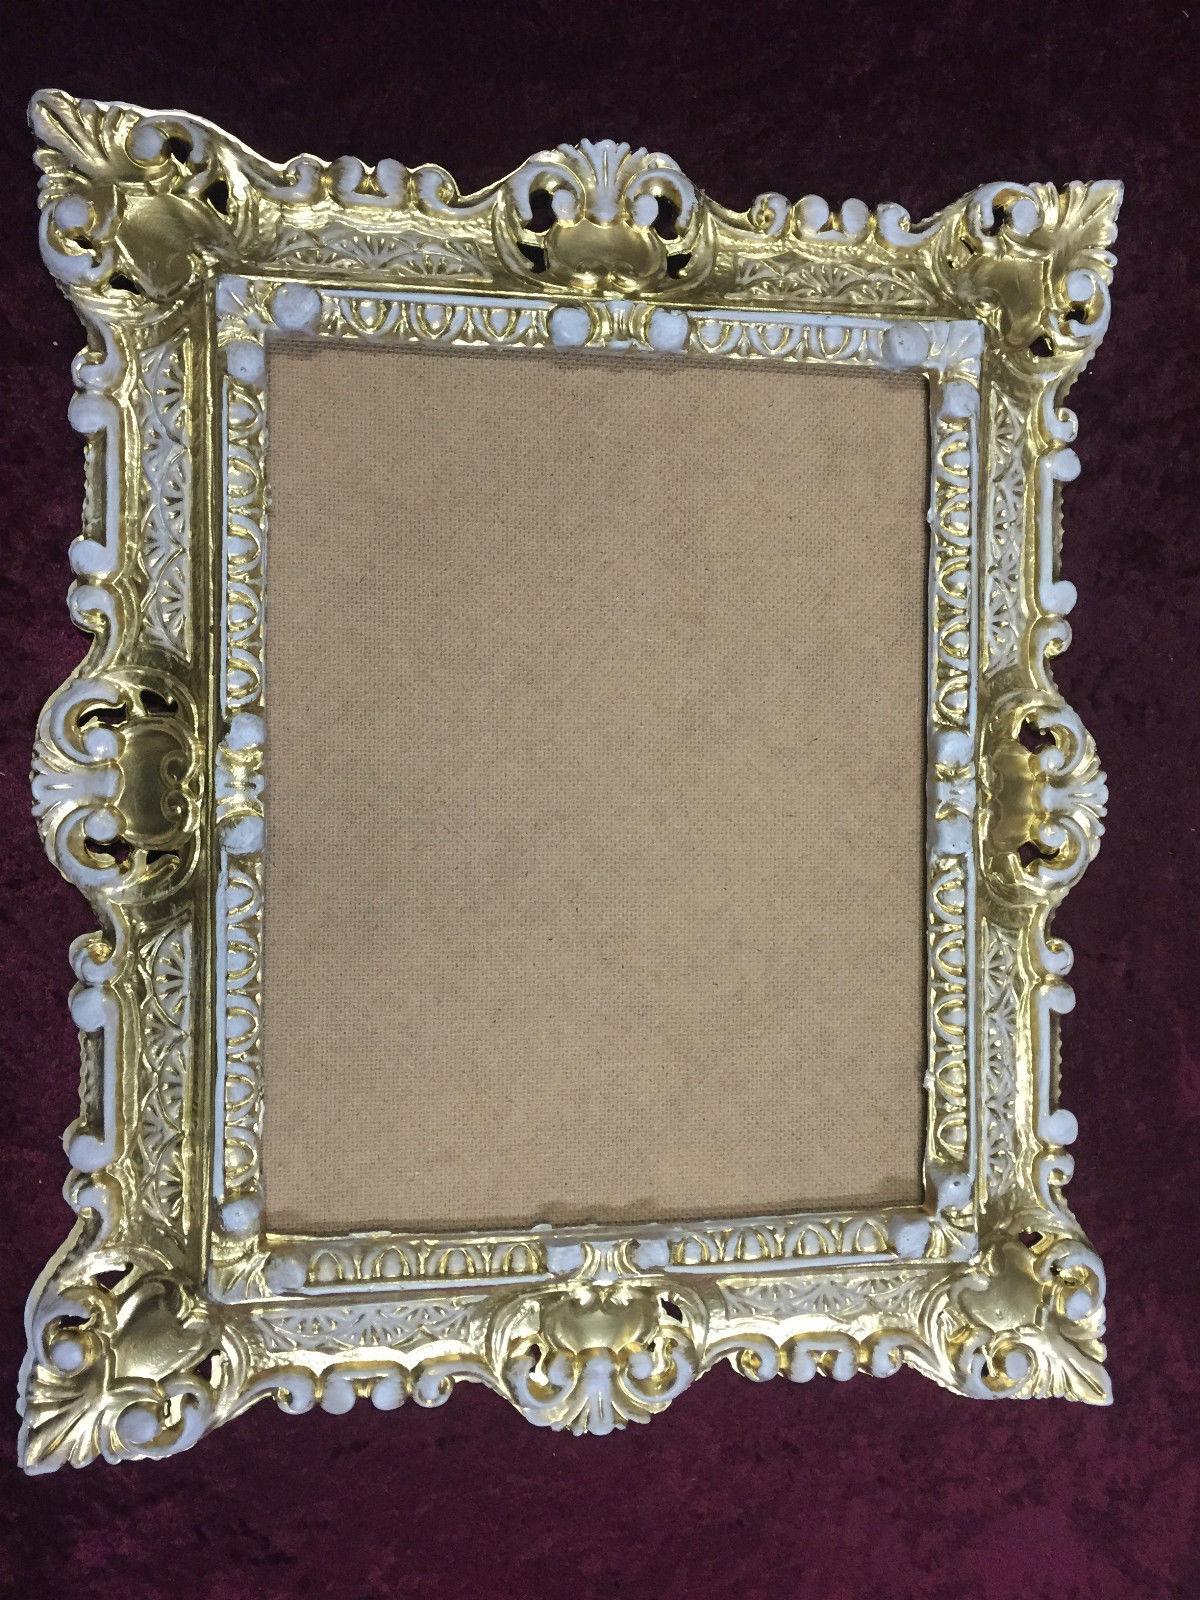 Ausgezeichnet Gold Rahmen Gläser Galerie - Familienfoto Kunst Ideen ...